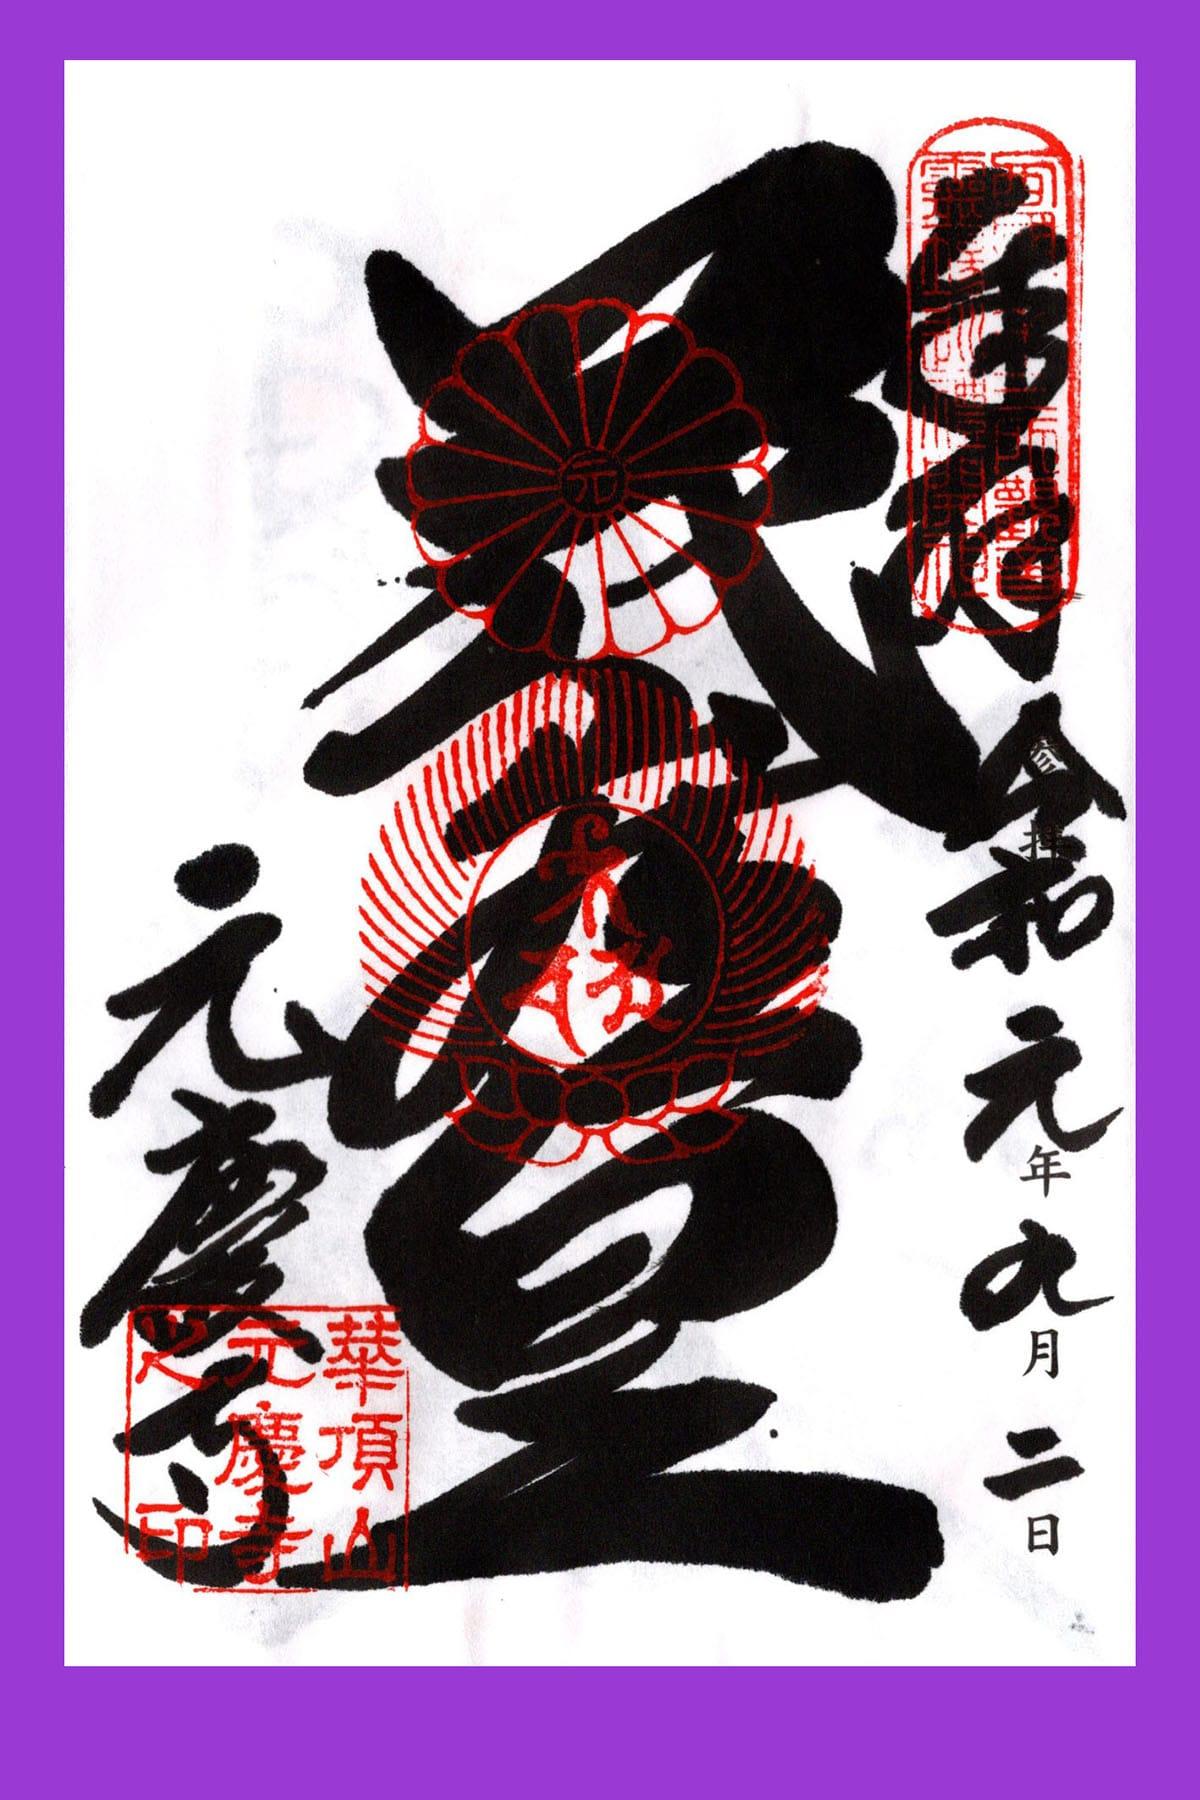 西国札所 番外2【華頂山・元慶寺】 | フォトさいたま